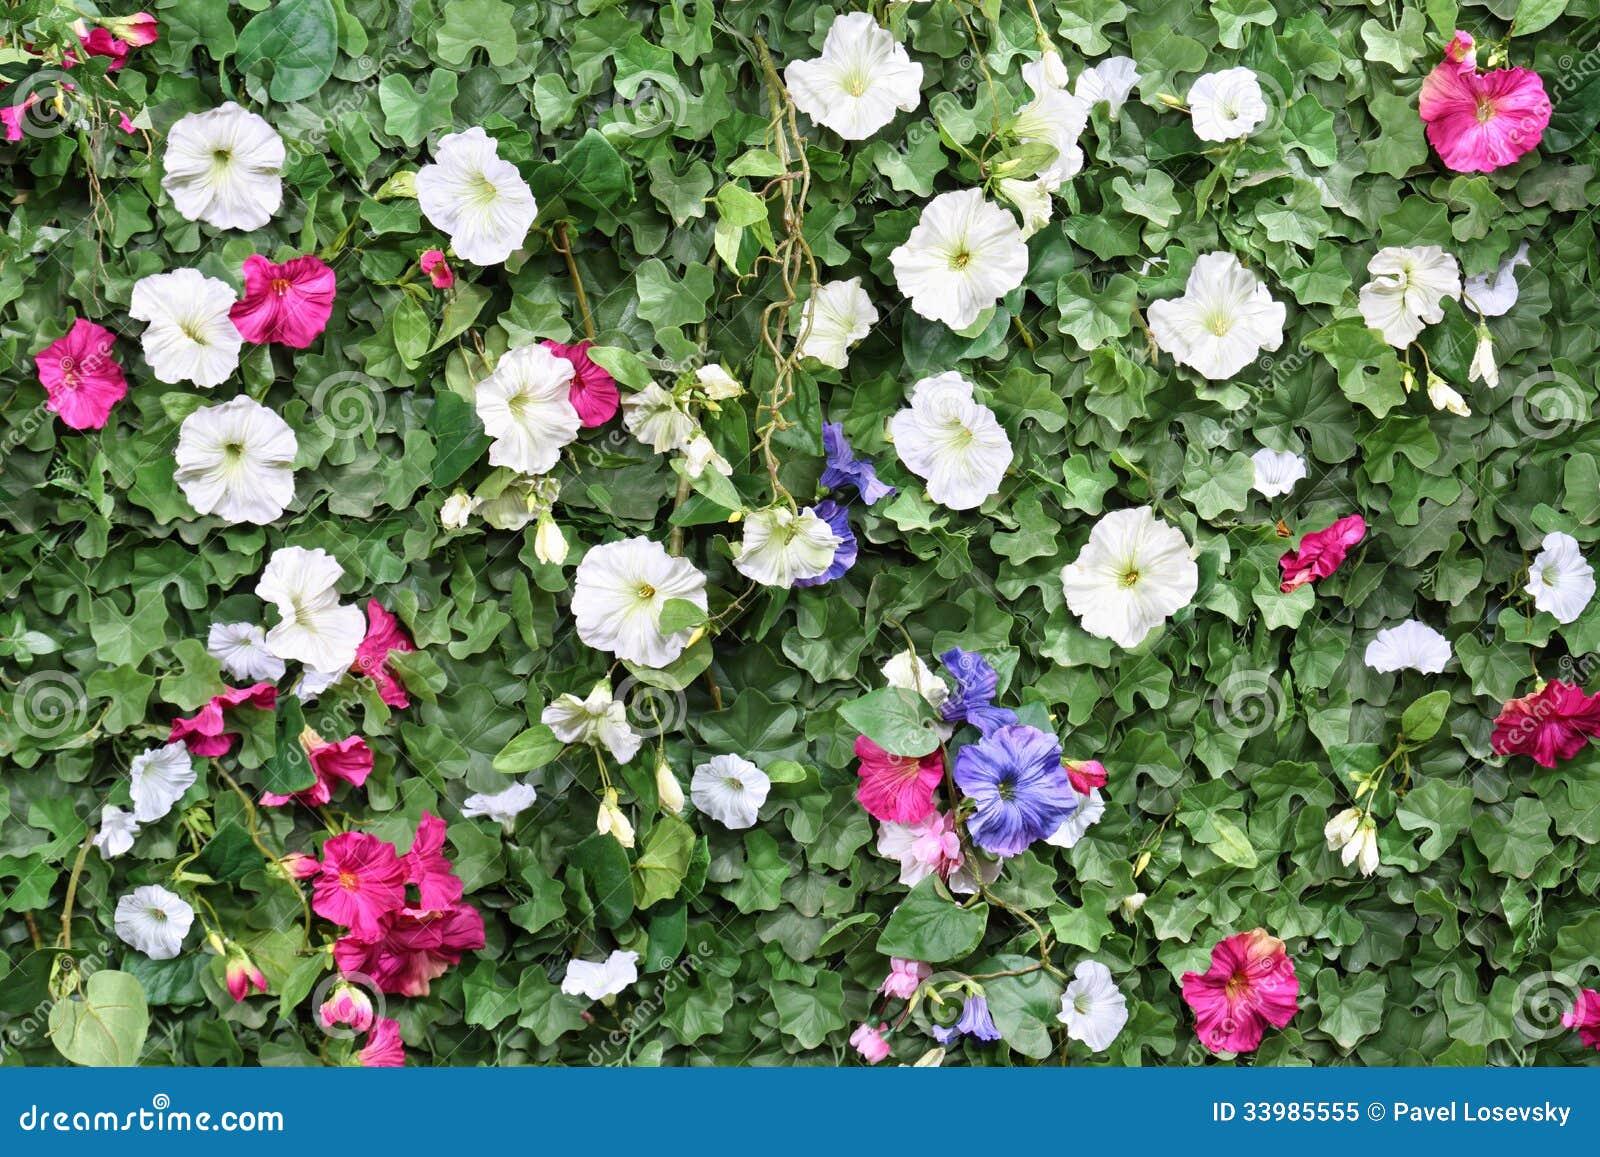 belle haie verte artificielle avec des fleurs photo libre de droits image 33985555. Black Bedroom Furniture Sets. Home Design Ideas